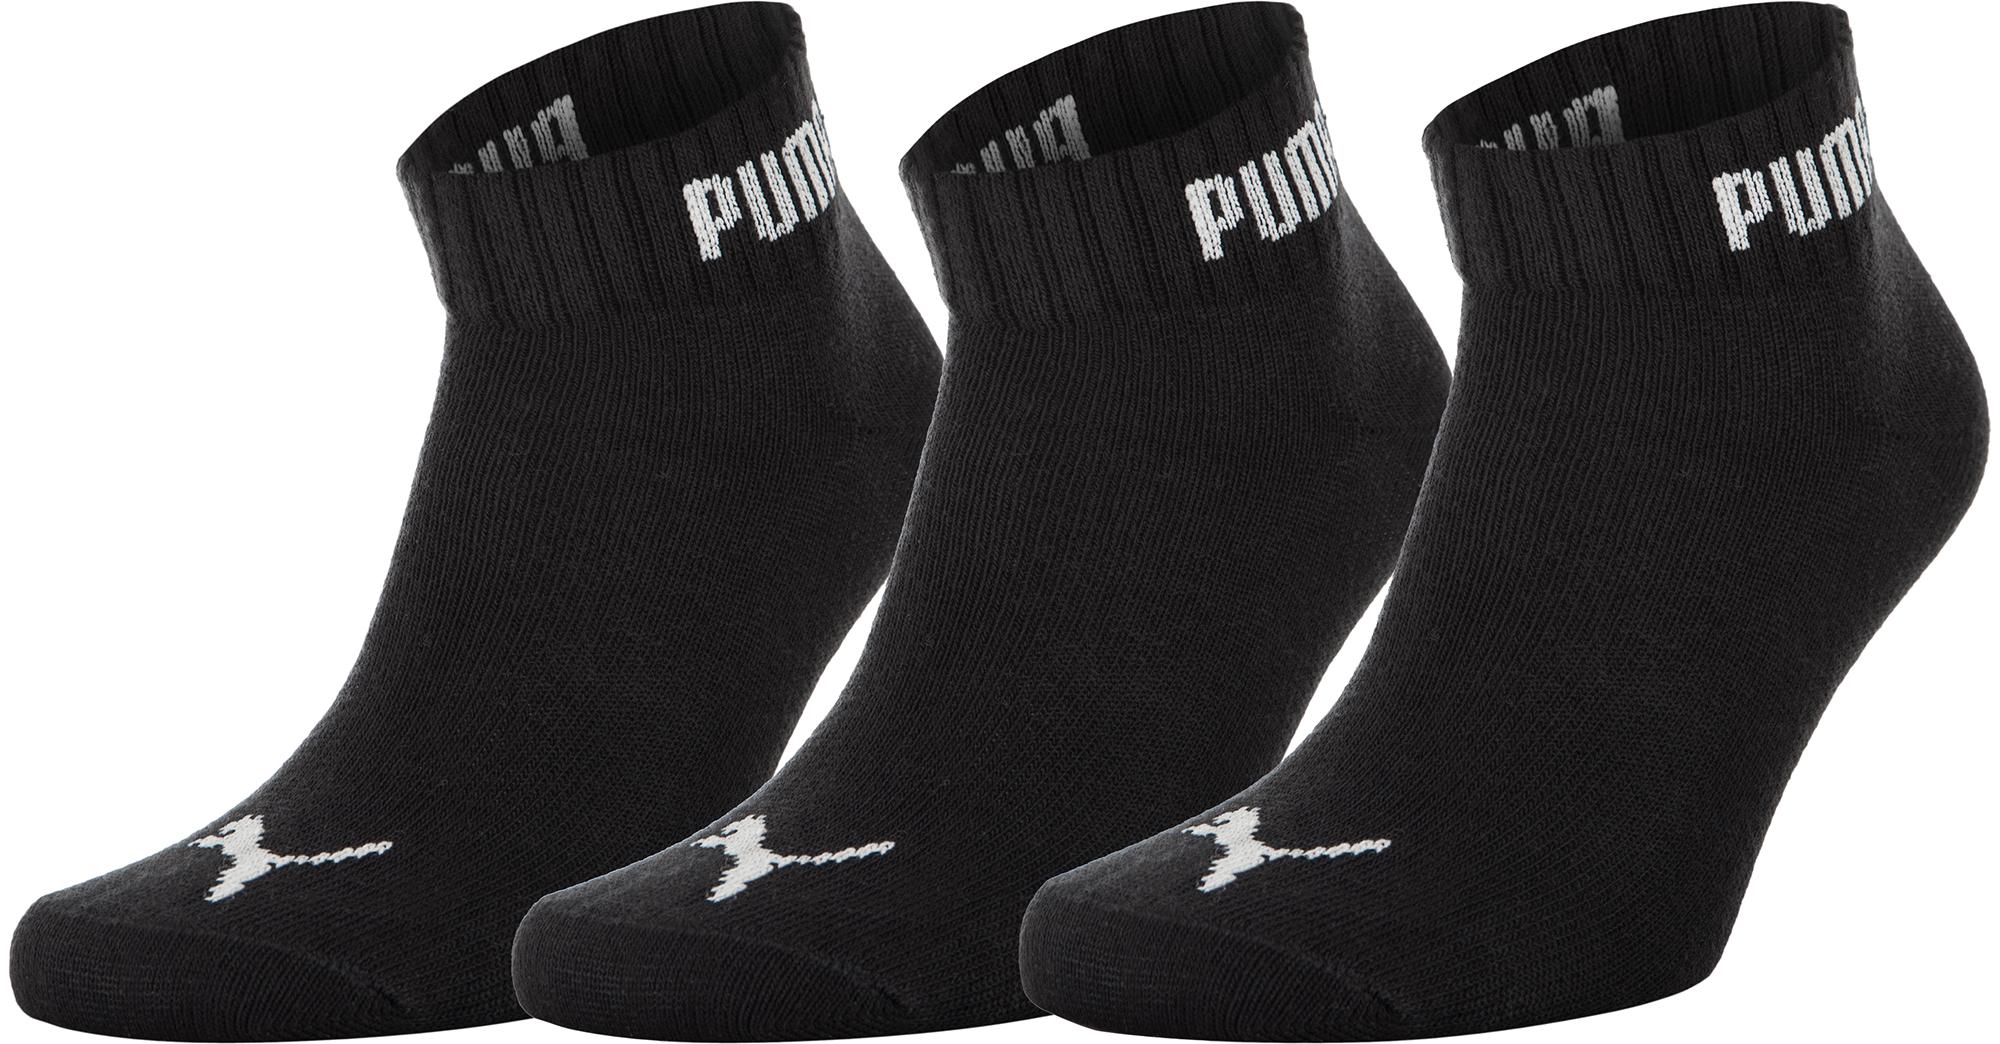 Puma Носки Puma Quarter-V, 3 пары, размер 43-46 puma tx 3 filtered wn s